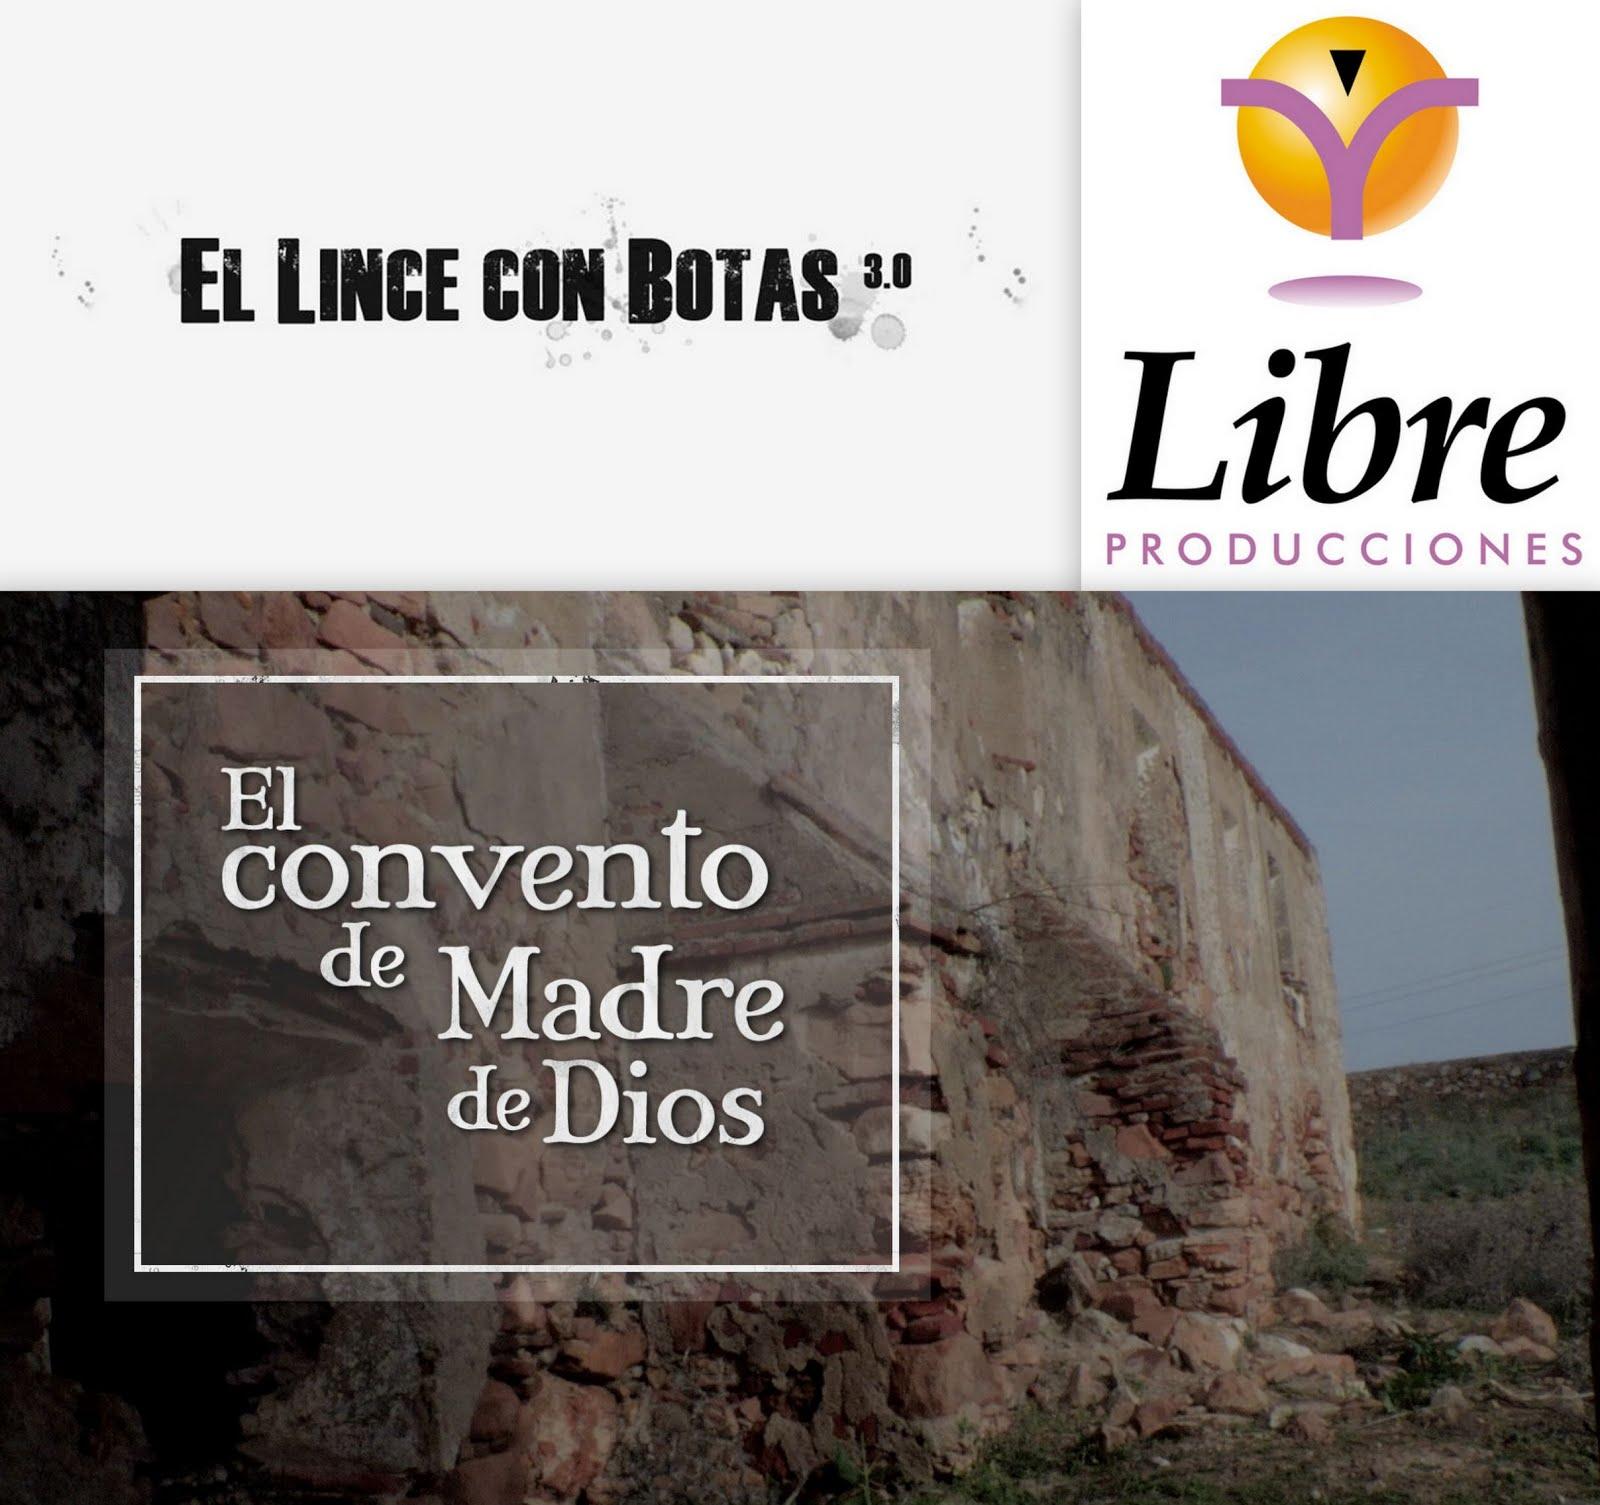 El lince con botas 3.0: El convento de Madre de Dios (Valverde de Leganés)